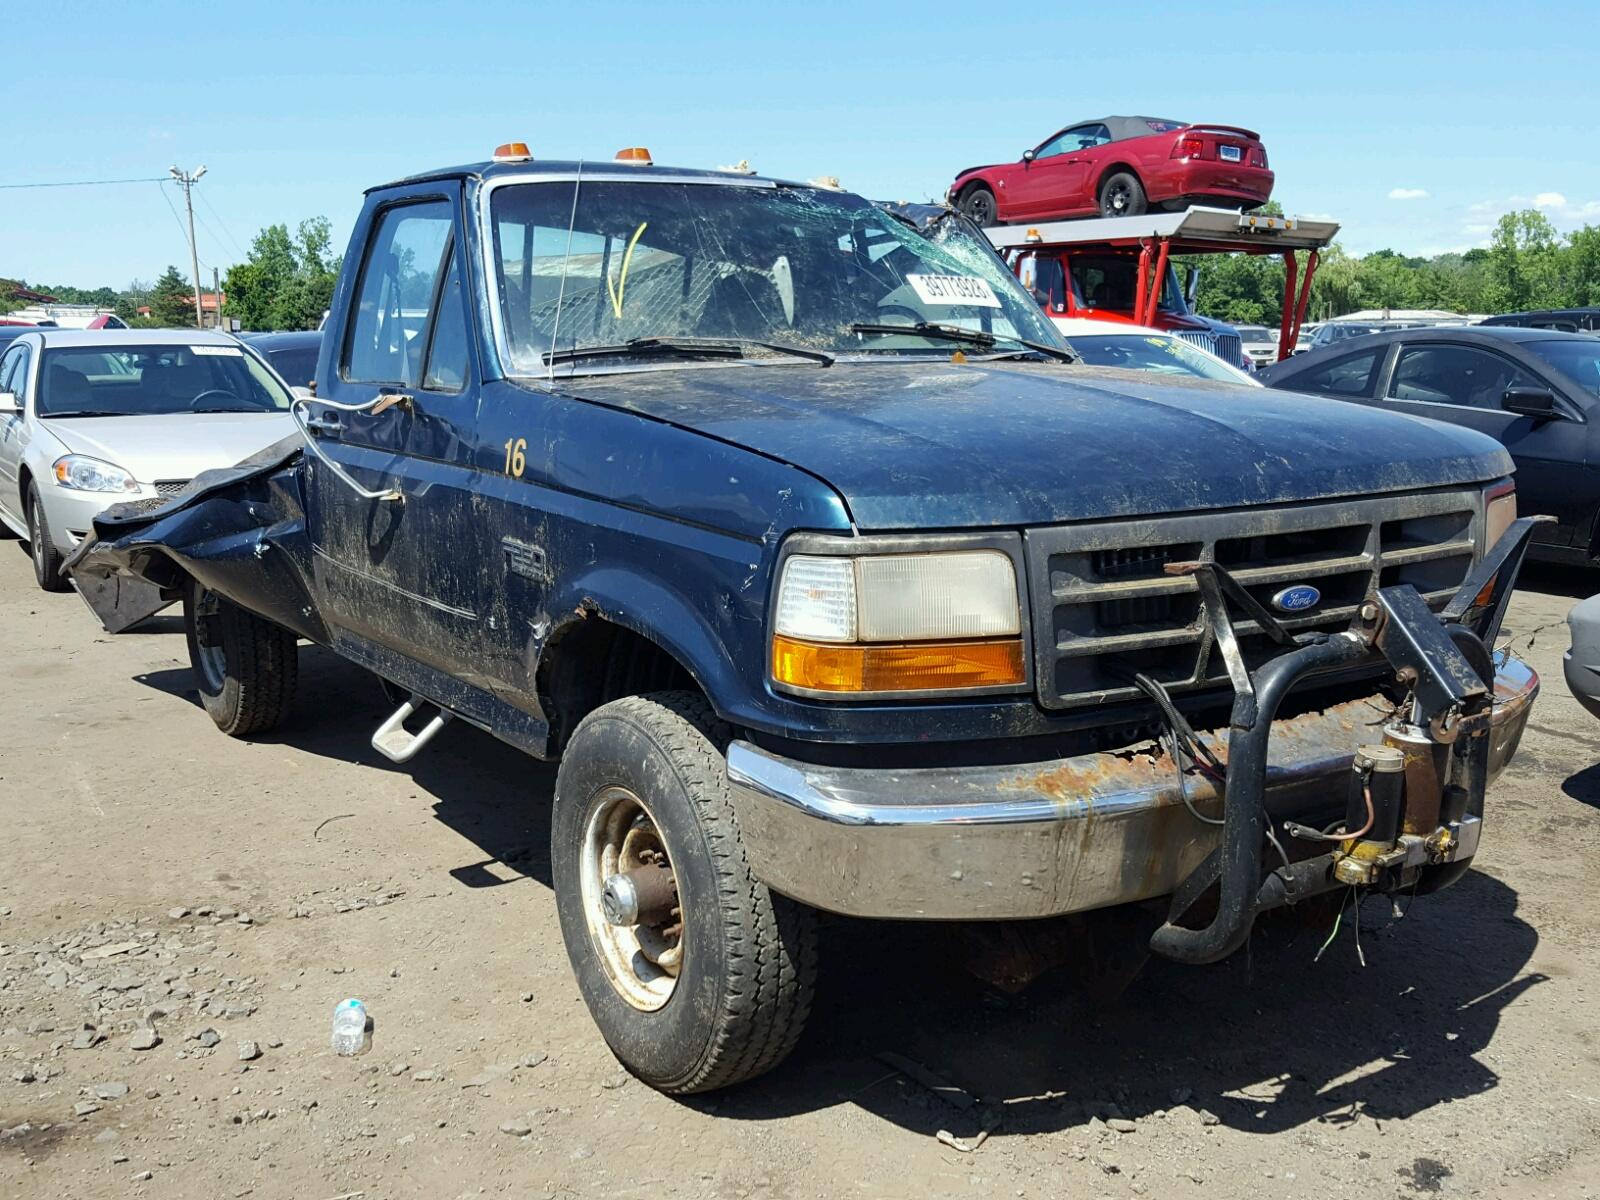 1fthf26h2vea95407 1997 ford f250 5 8l left view 1fthf26h2vea95407